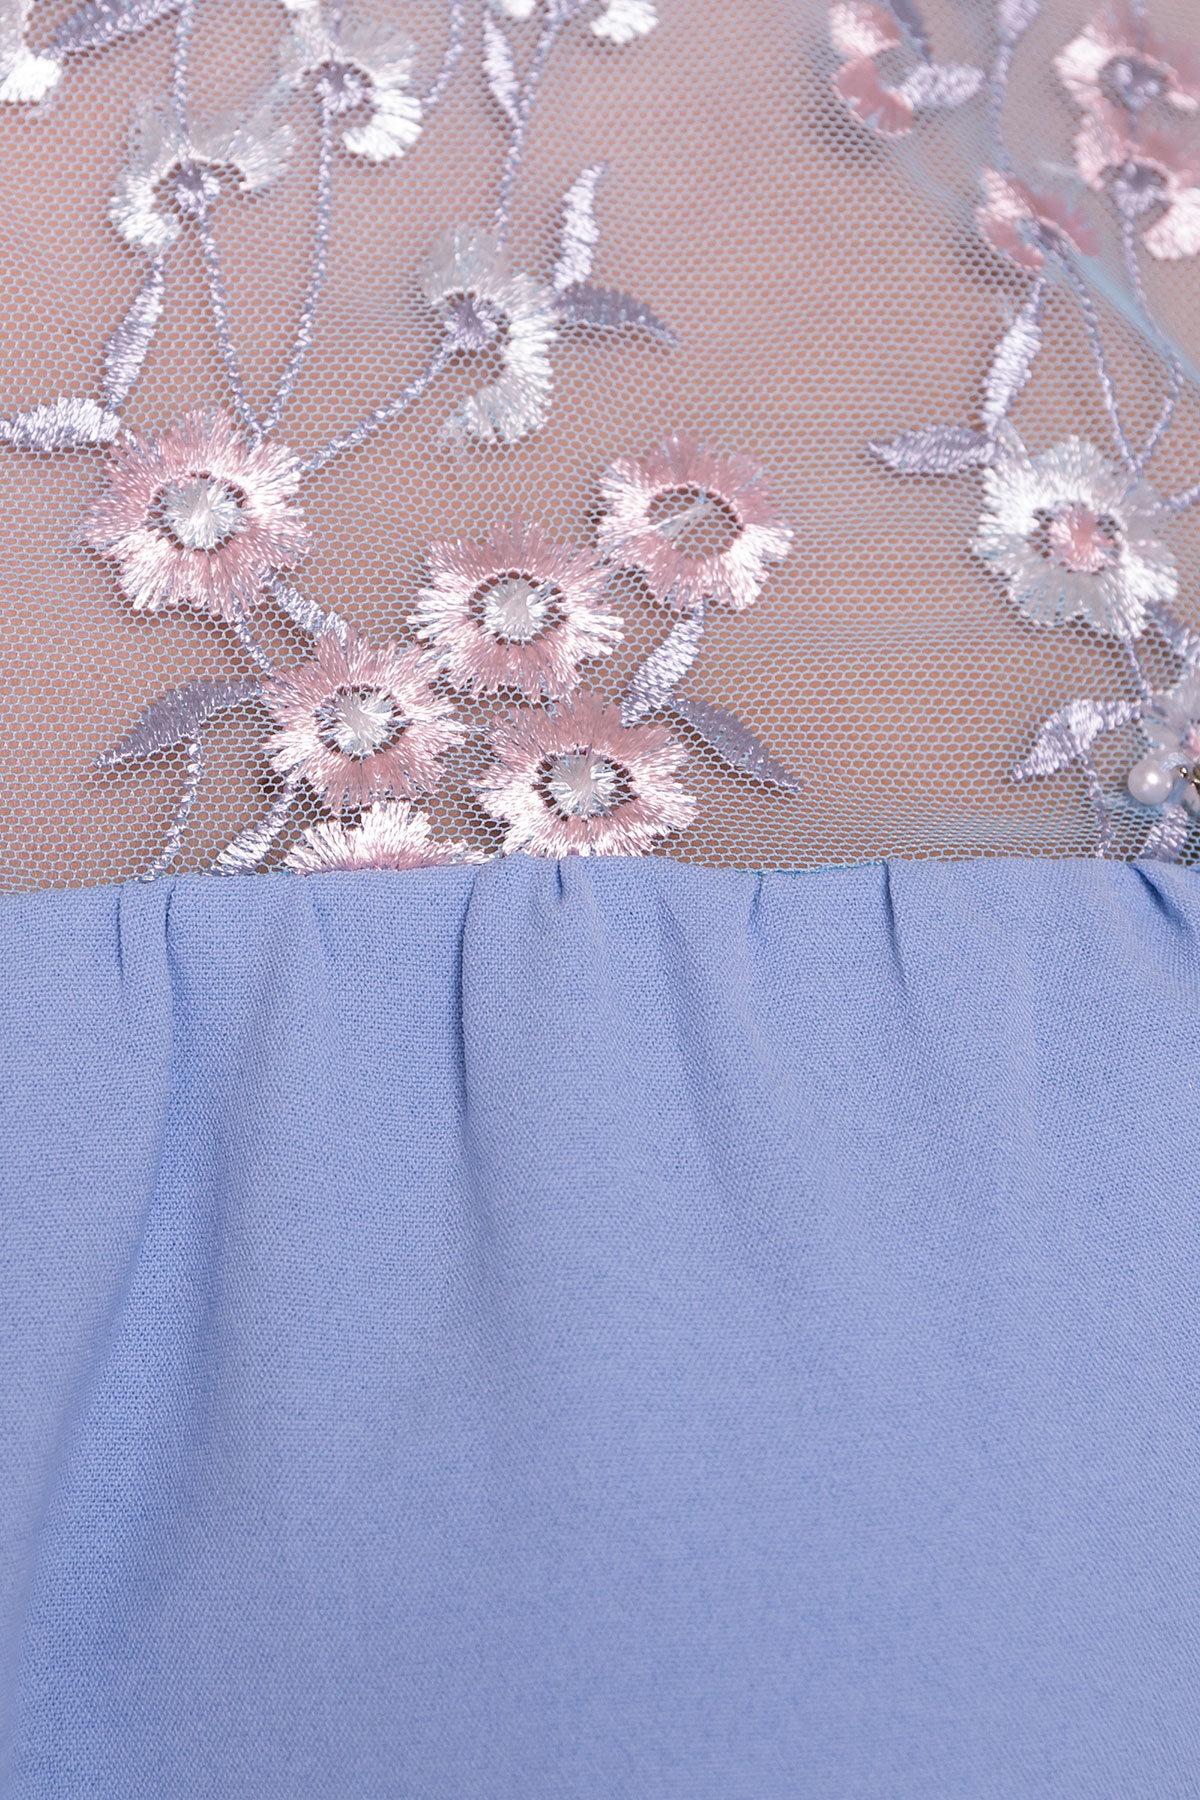 Блуза Анафи 5105 Цвет: Голубой